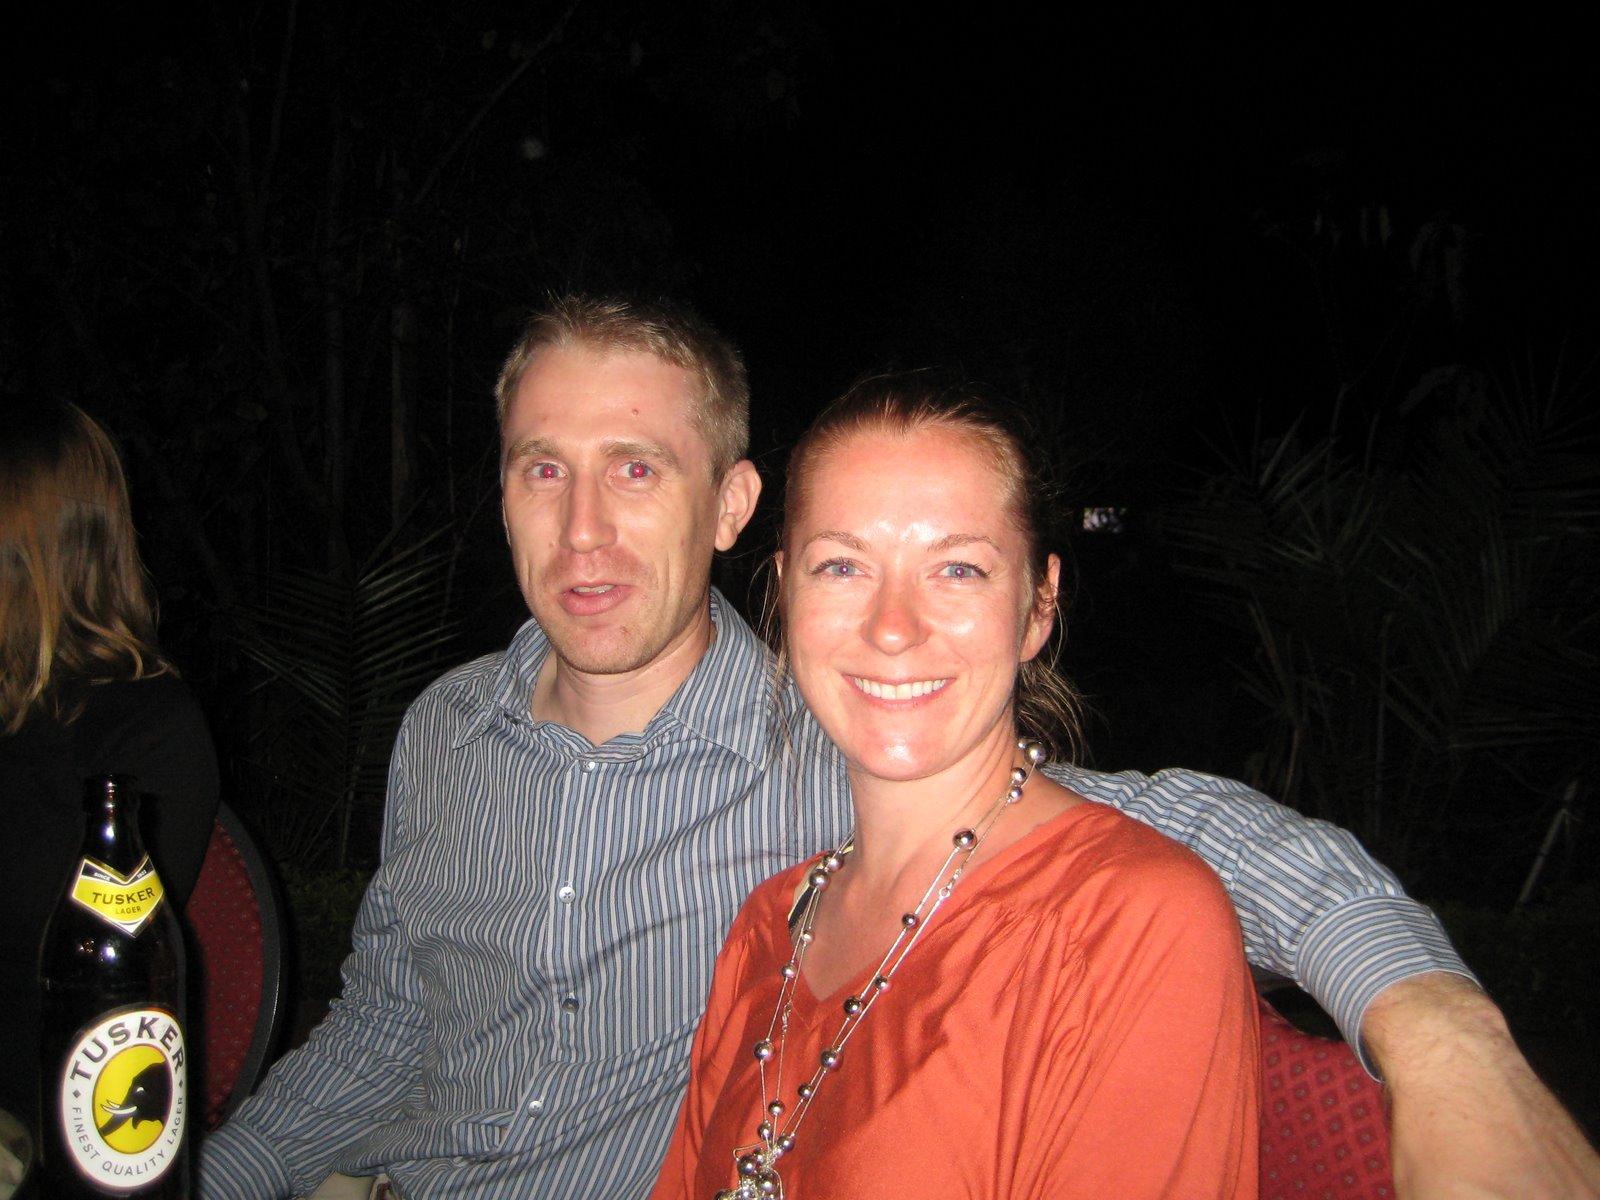 [Erik+Munroe,+Kate+O]